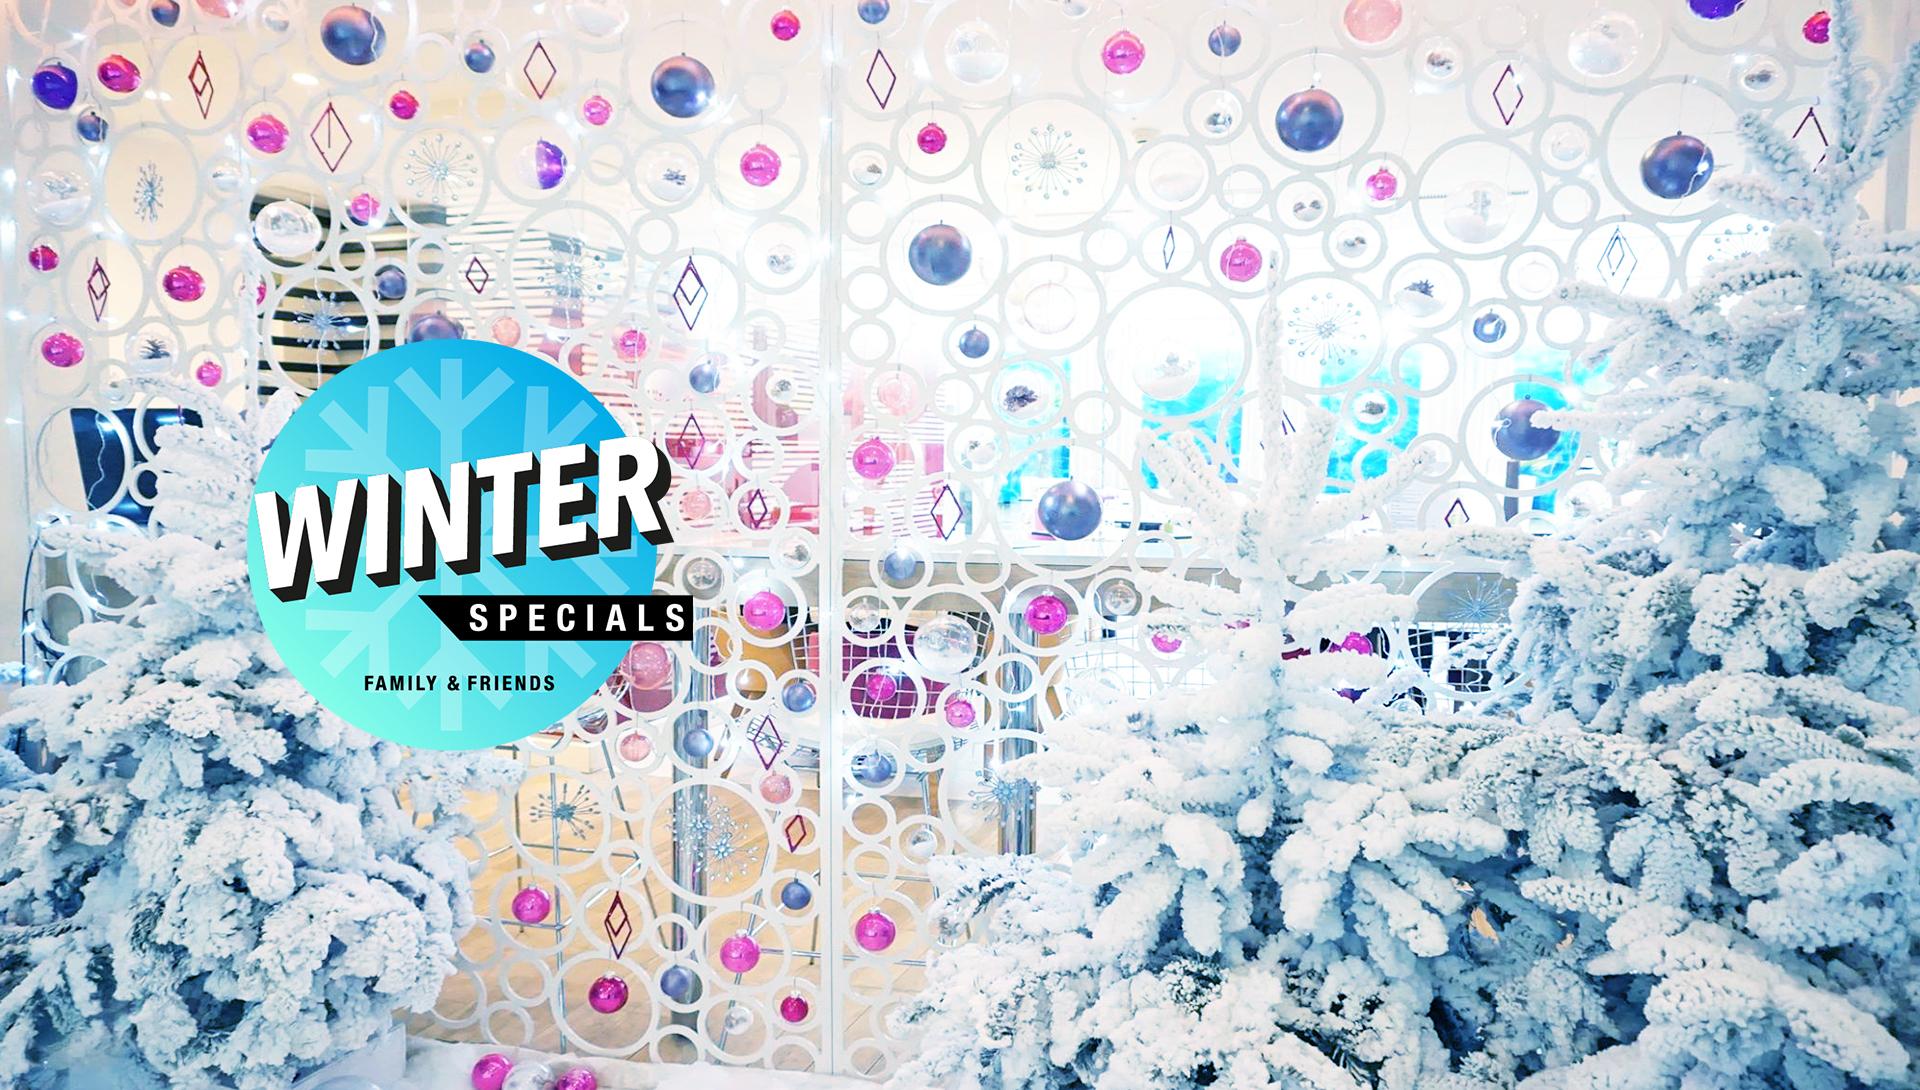 winter-specials-dans-les-hotels-manotel-a-geneve